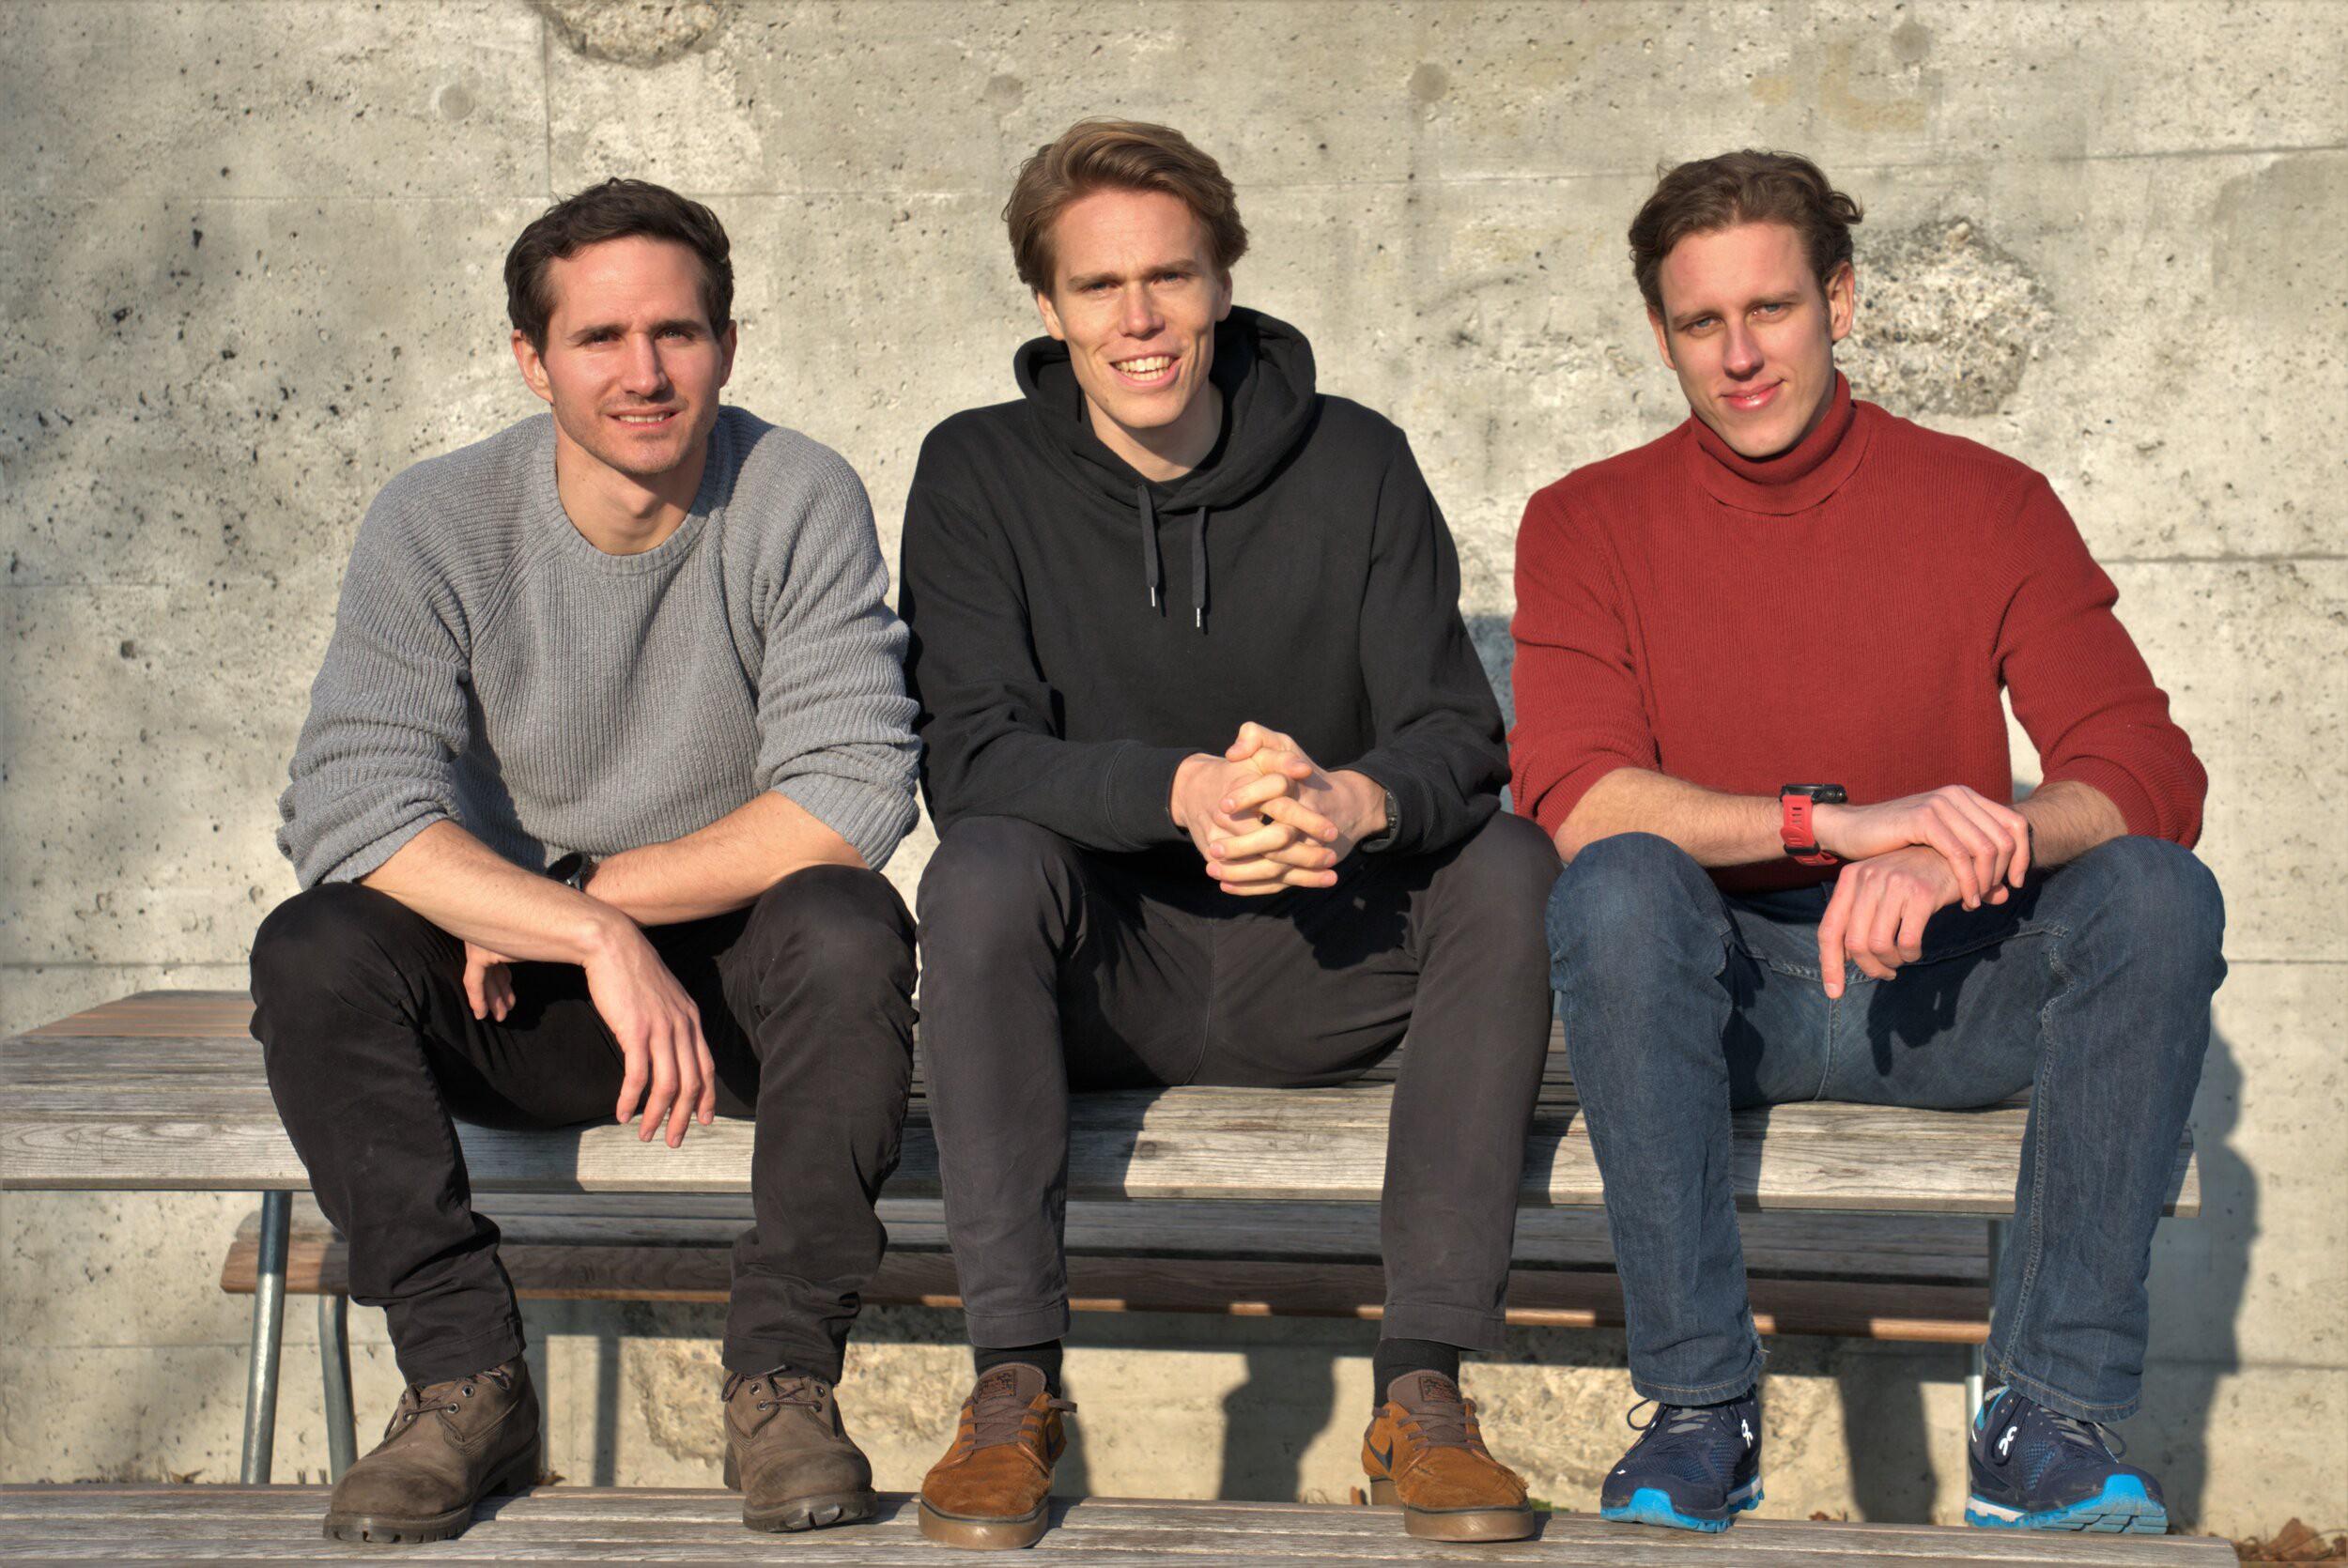 L-R: Martin Eichenhofer, Chester Houwink, Giovanni Cavolina.